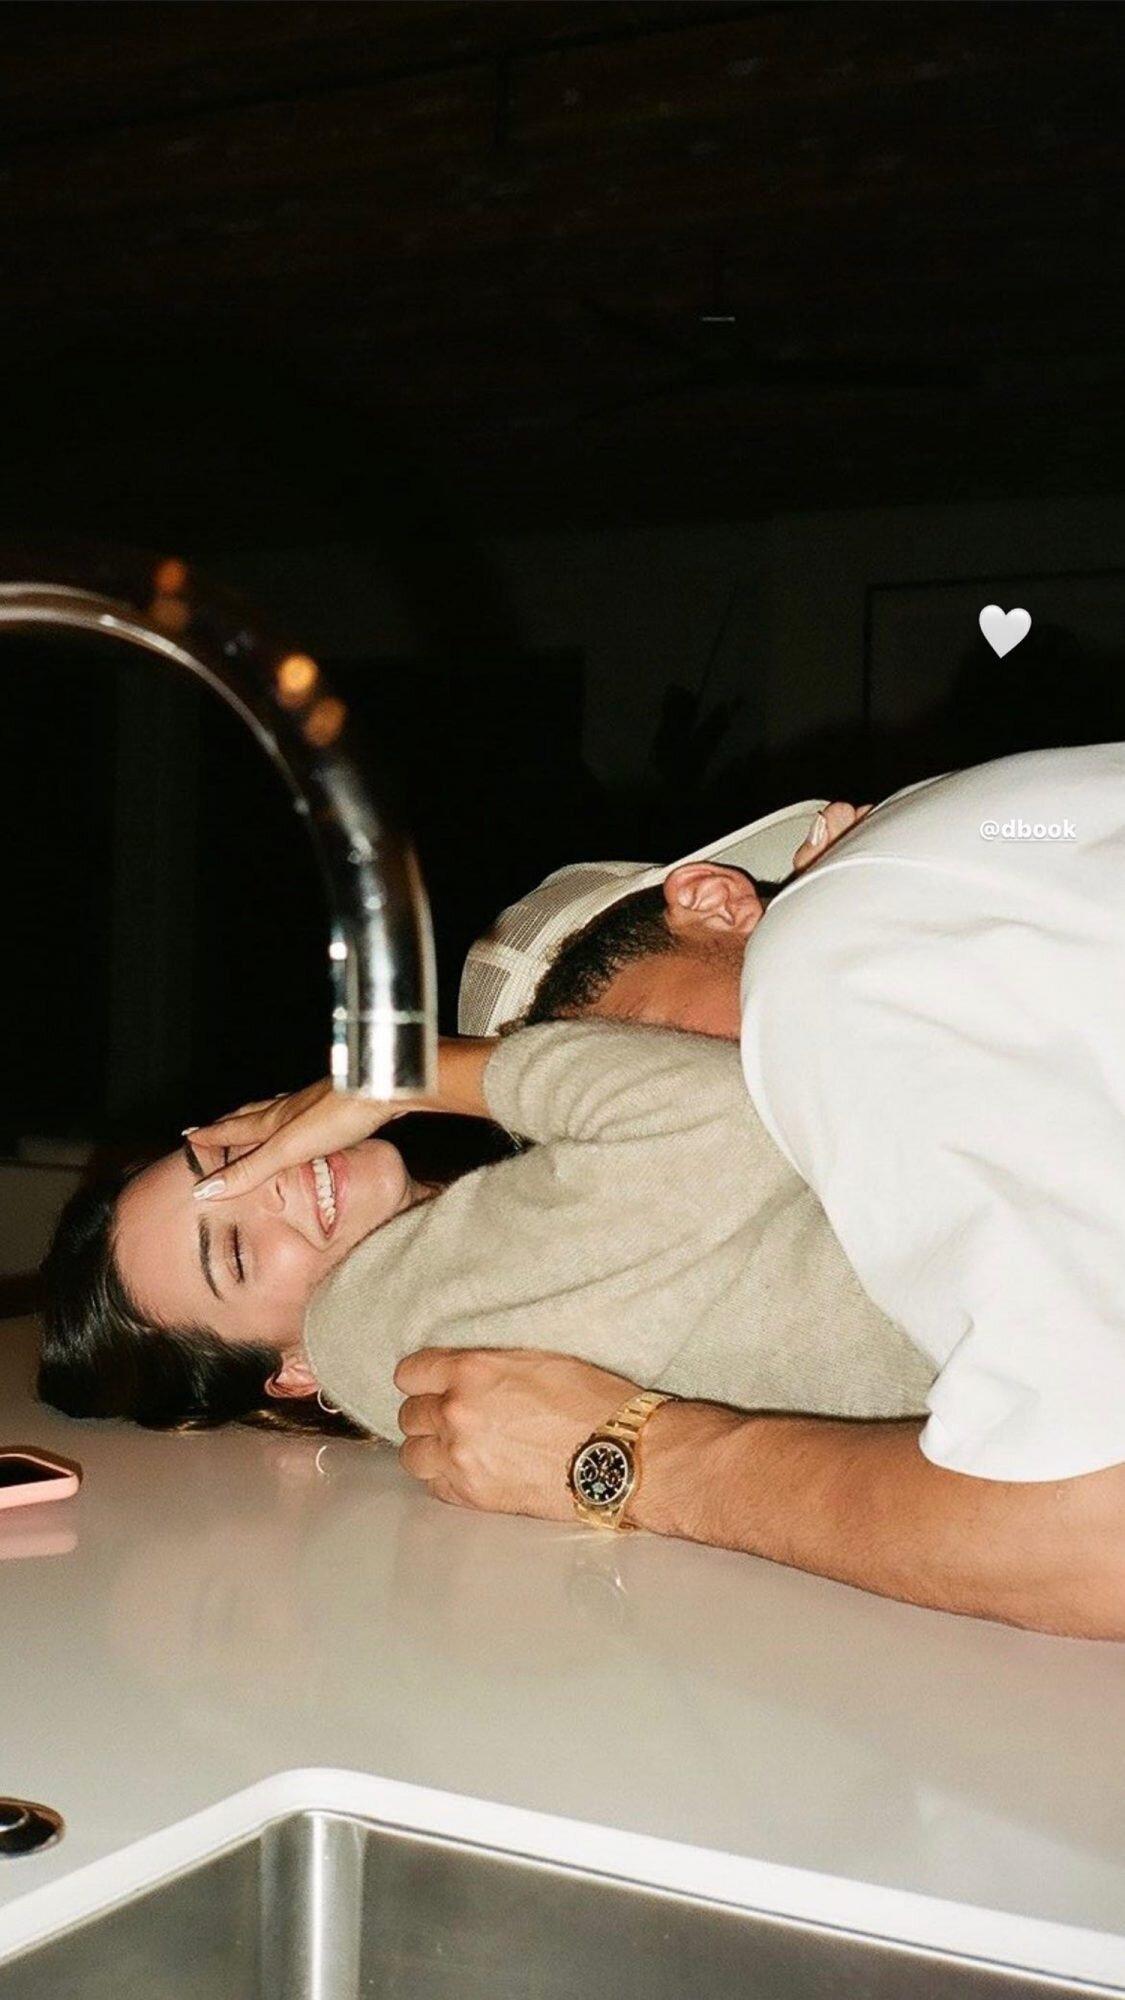 肯達爾·詹娜和德文·布克戀情實錘,情人節首次曬第一張情侶合照